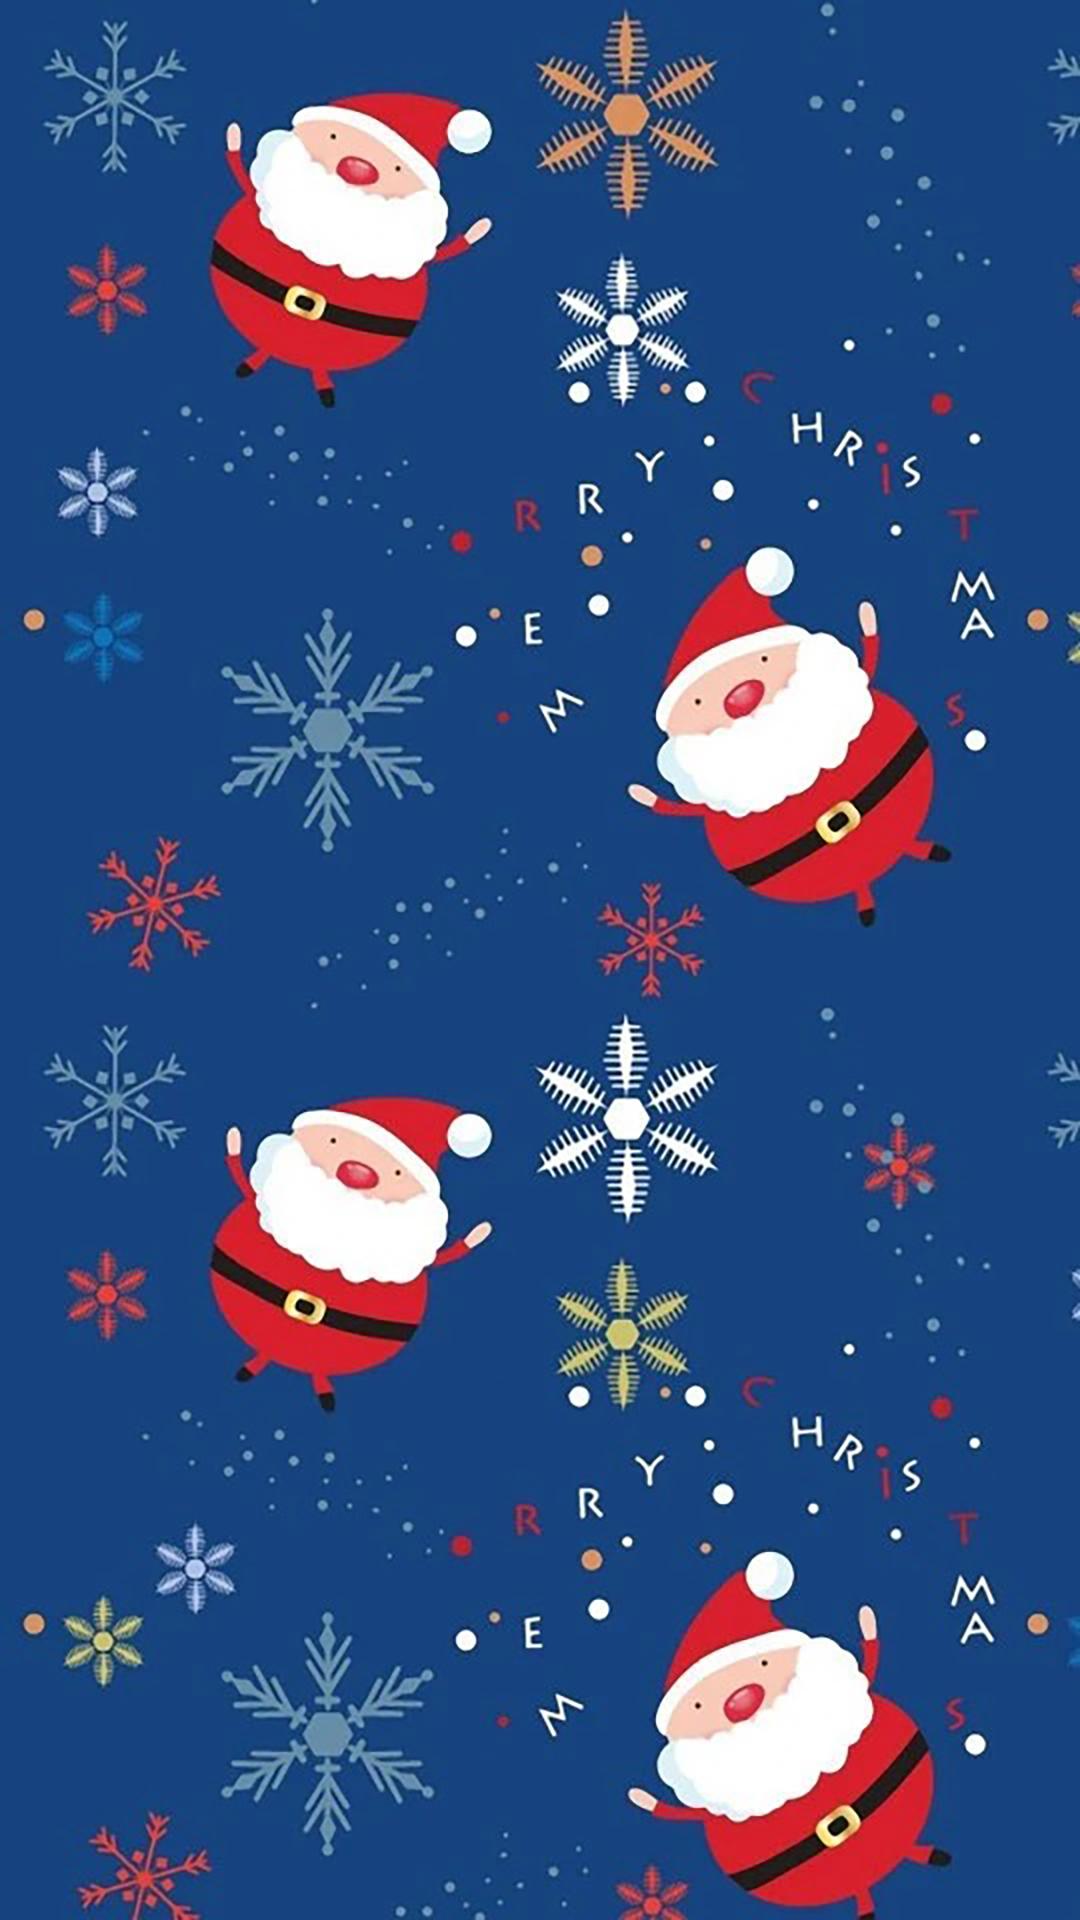 手机墙纸大全_圣诞节手绘手机壁纸图片大全